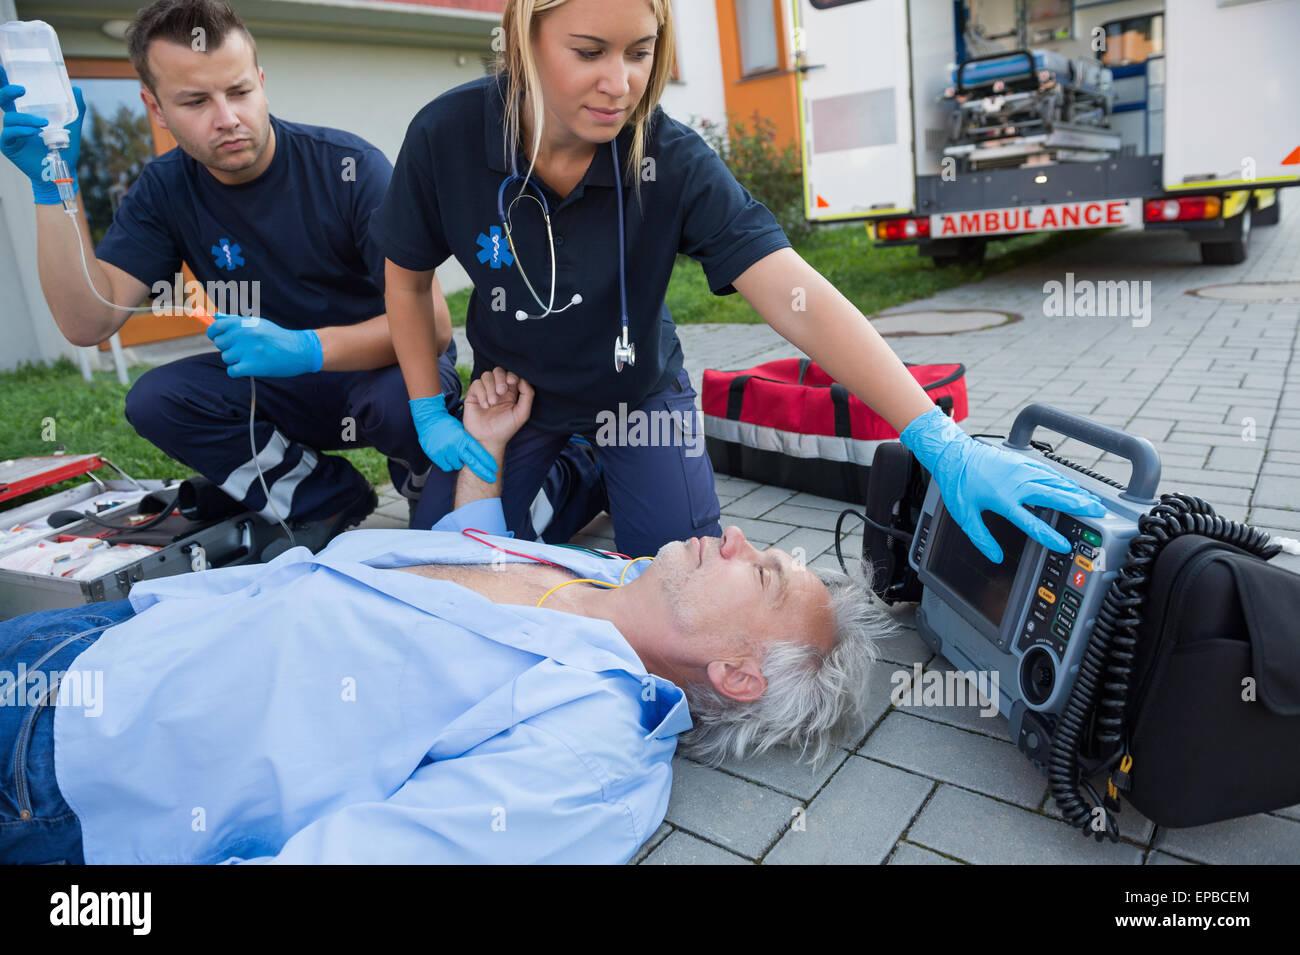 Contrôle de pouls de paramédics homme inconscient Photo Stock